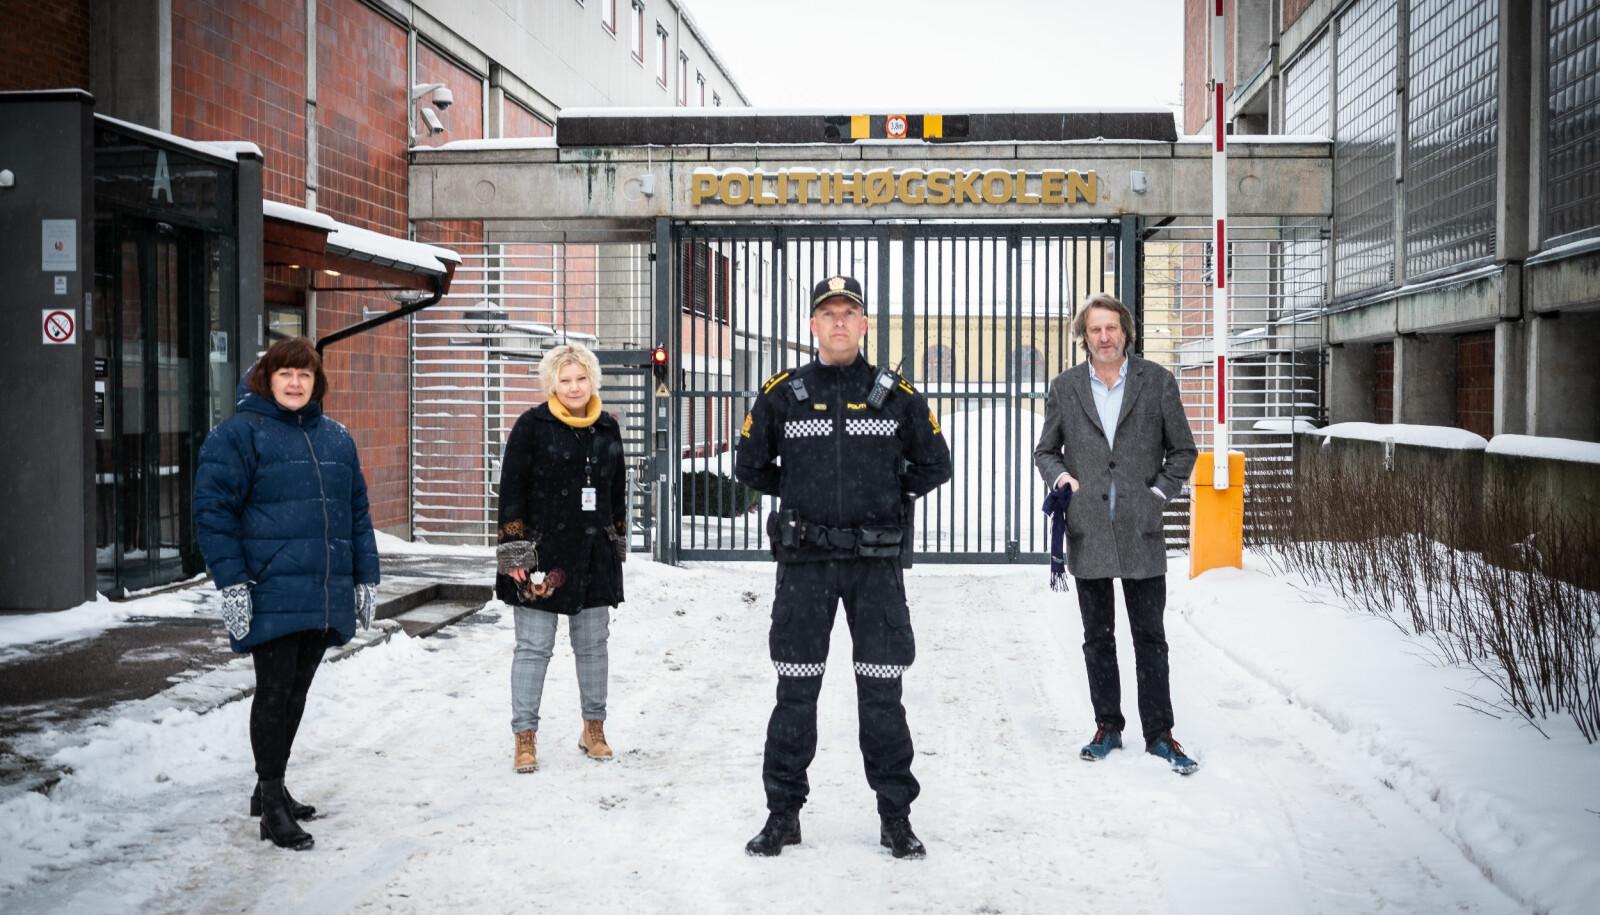 Birgitte Ellefsen, Vanja Lundgren Sørli, Ståle Knudsen og Åsmund Birkeland representerer ansatte ved Politihøgskolen i Oslo. Nå sier de ifra.